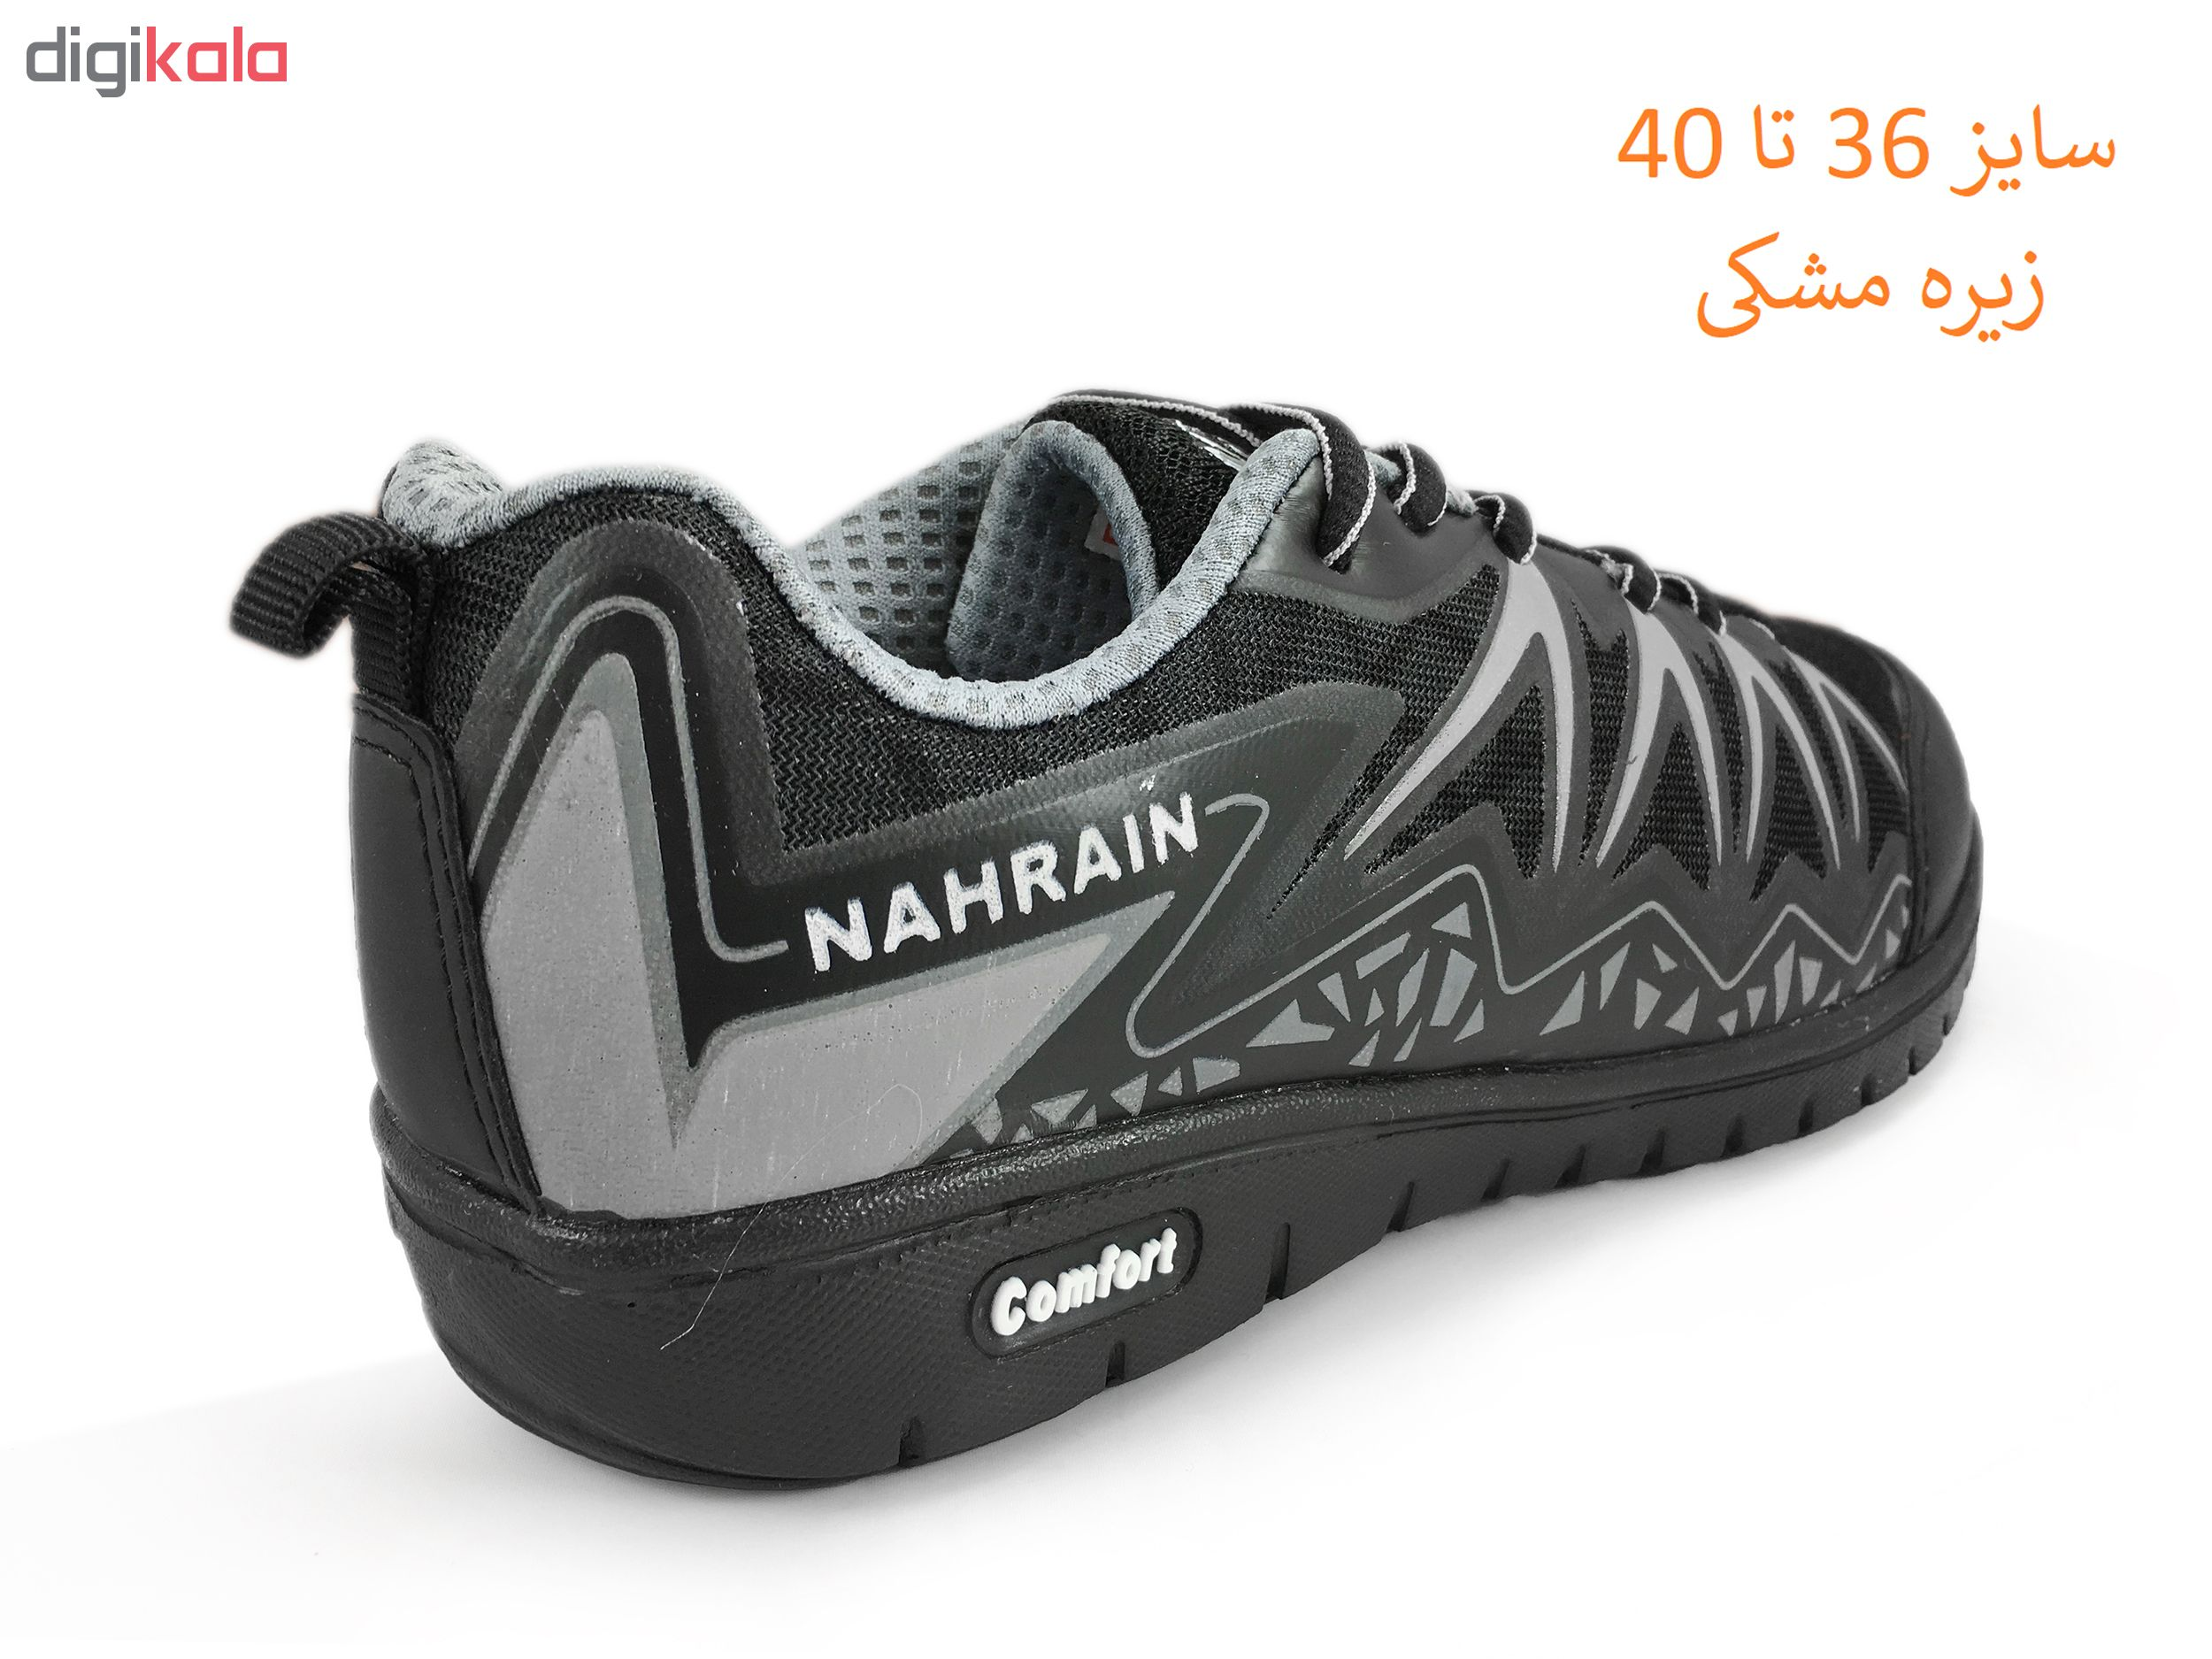 کفش مخصوص دویدن مردانه و زنانه آلبرتینی مدل دانشکده کد 2807